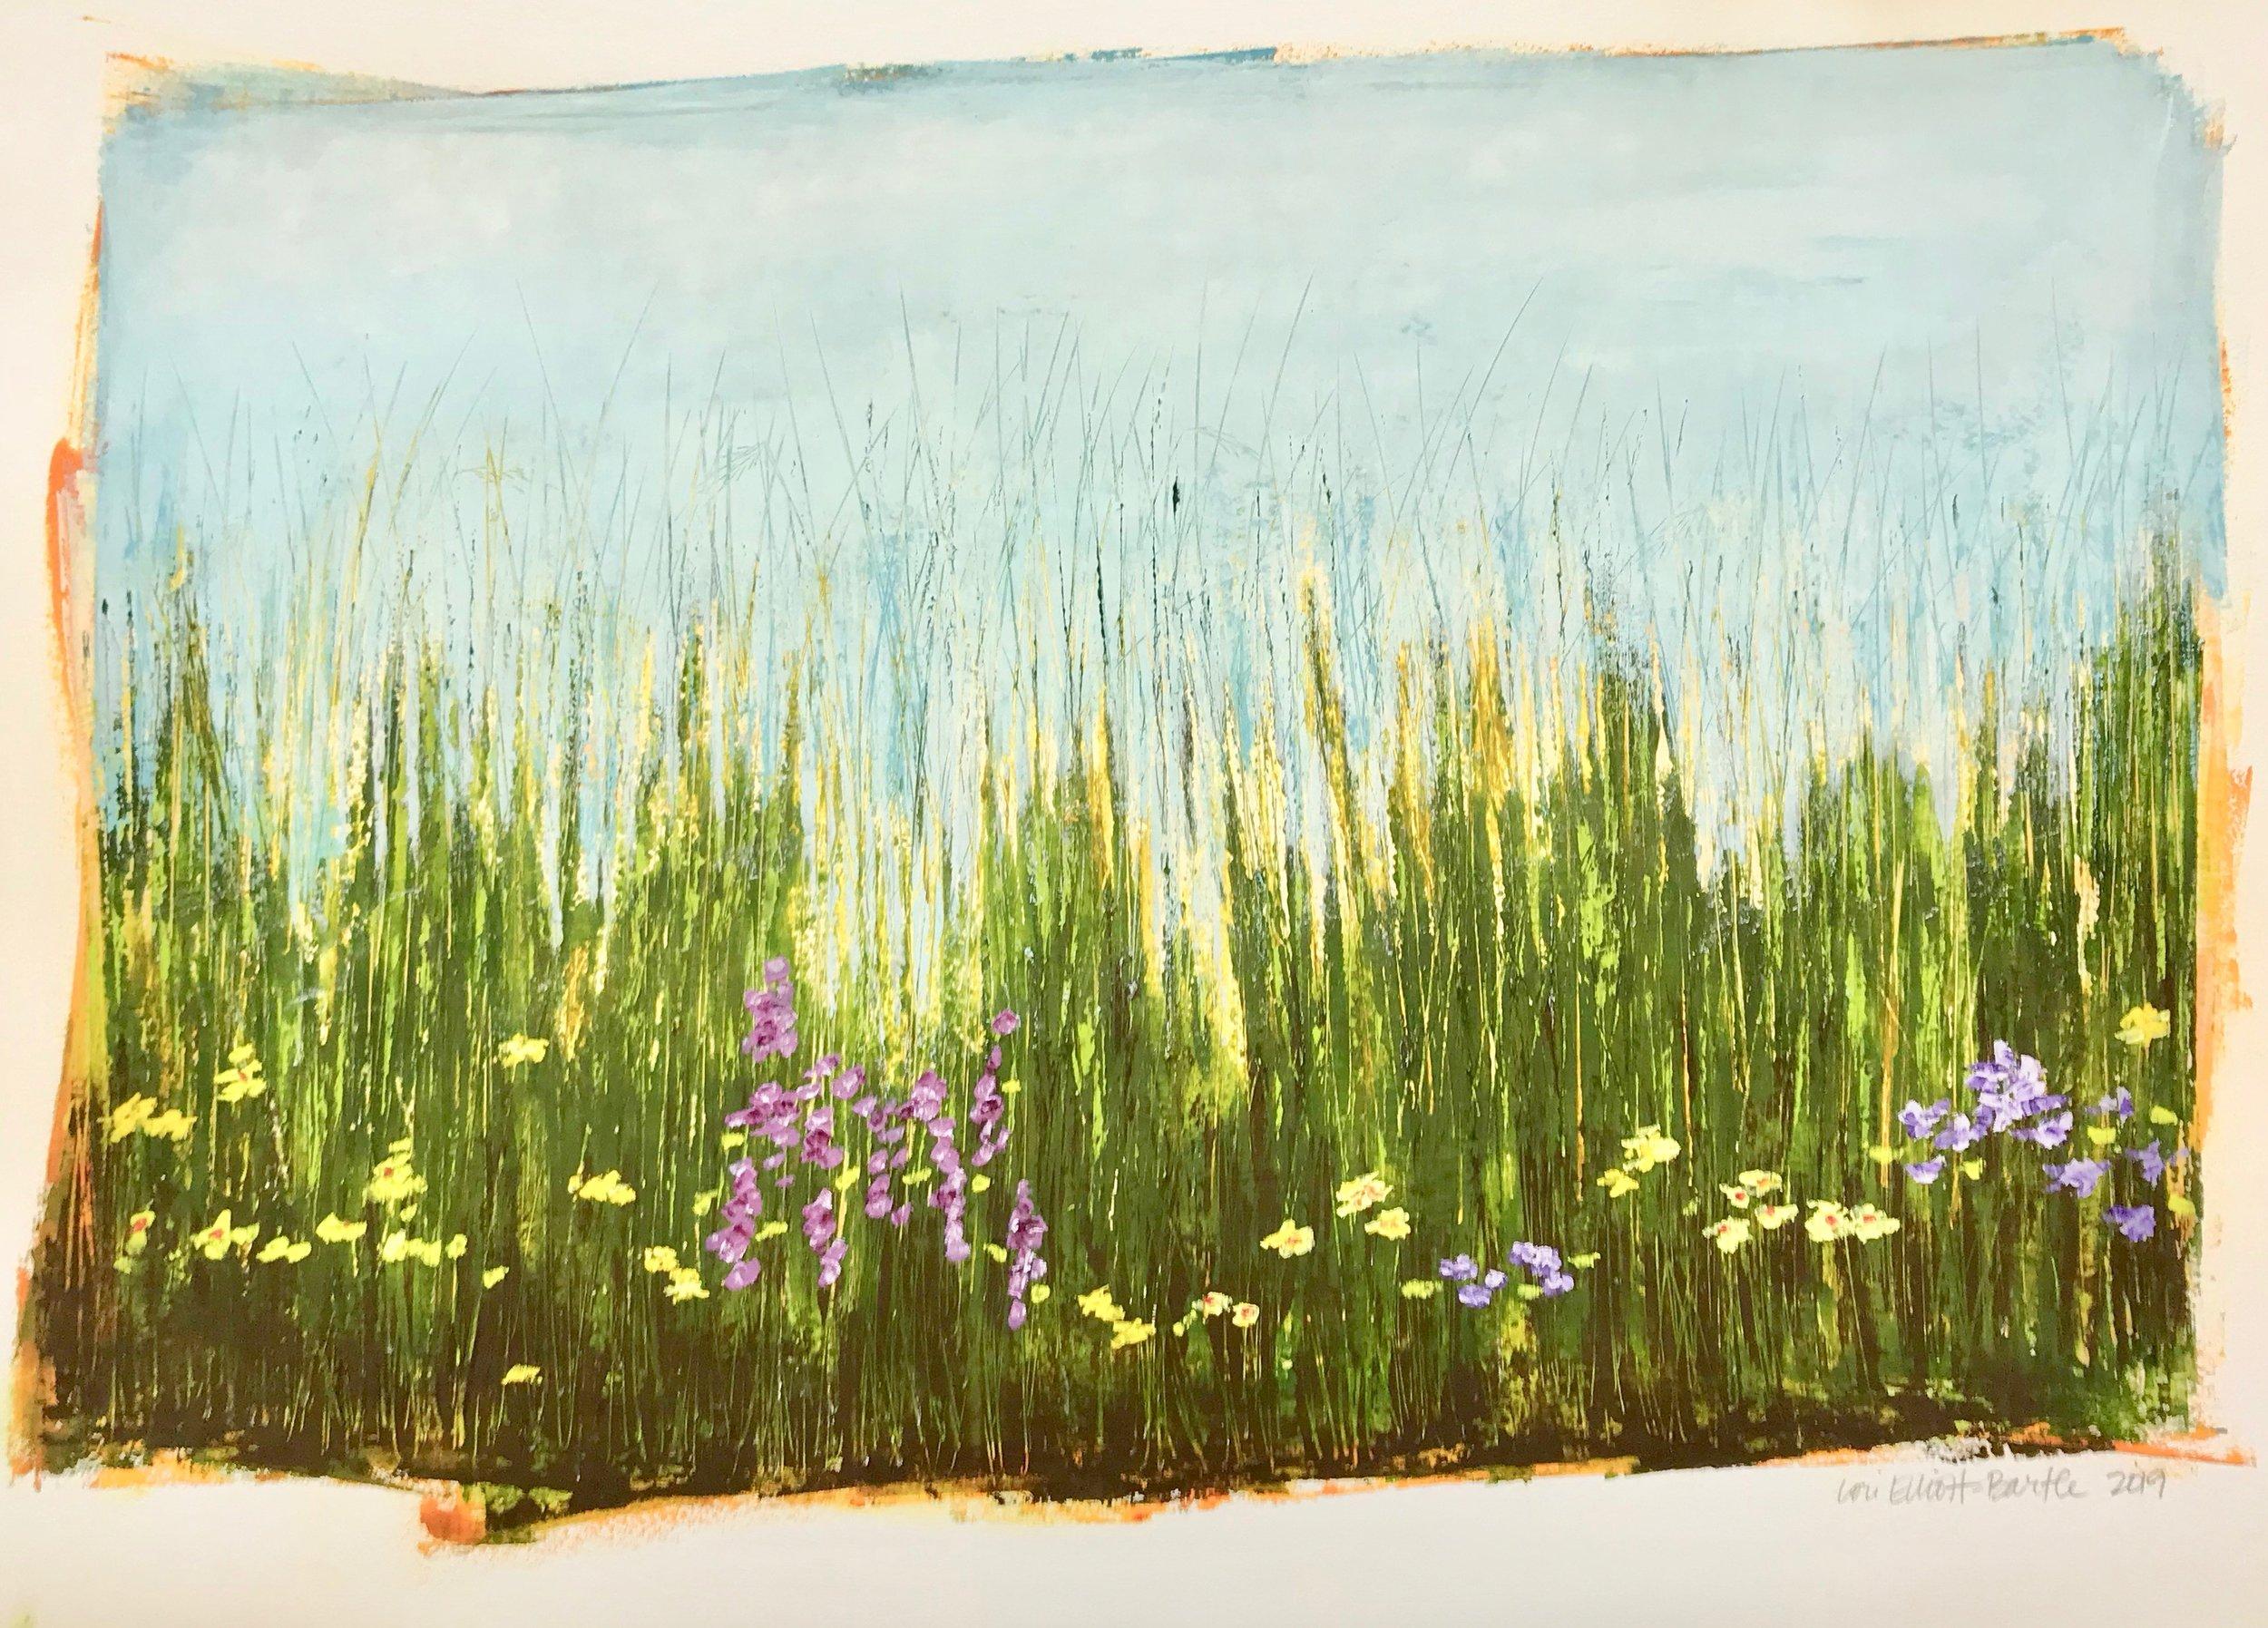 Lori Elliott-Bartle -  Blooms & Grasses #6 , 2019  Omaha, NE